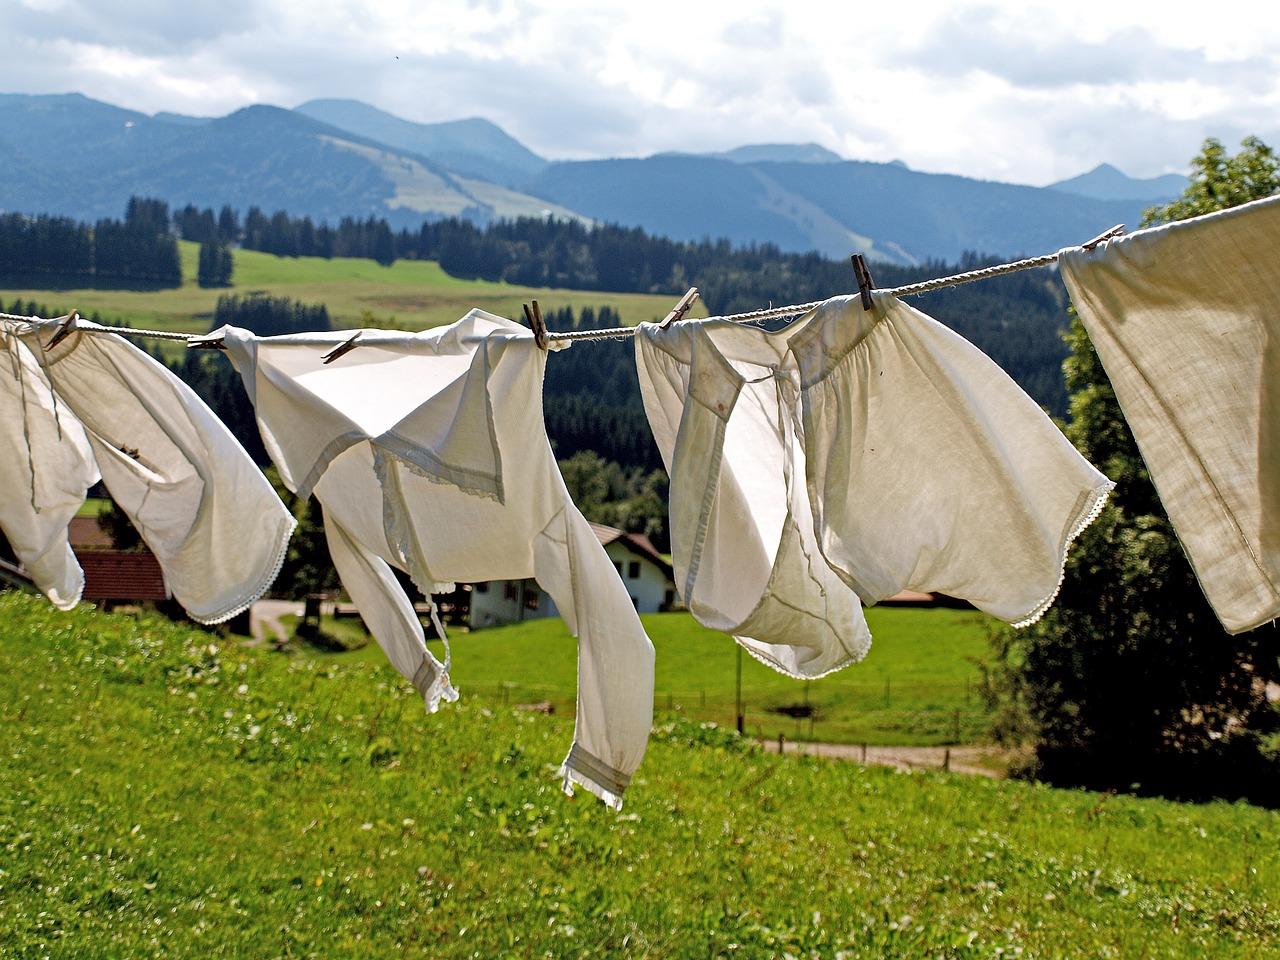 梅雨じゃなくても洗濯物が臭う日と臭わない日があるのは何故